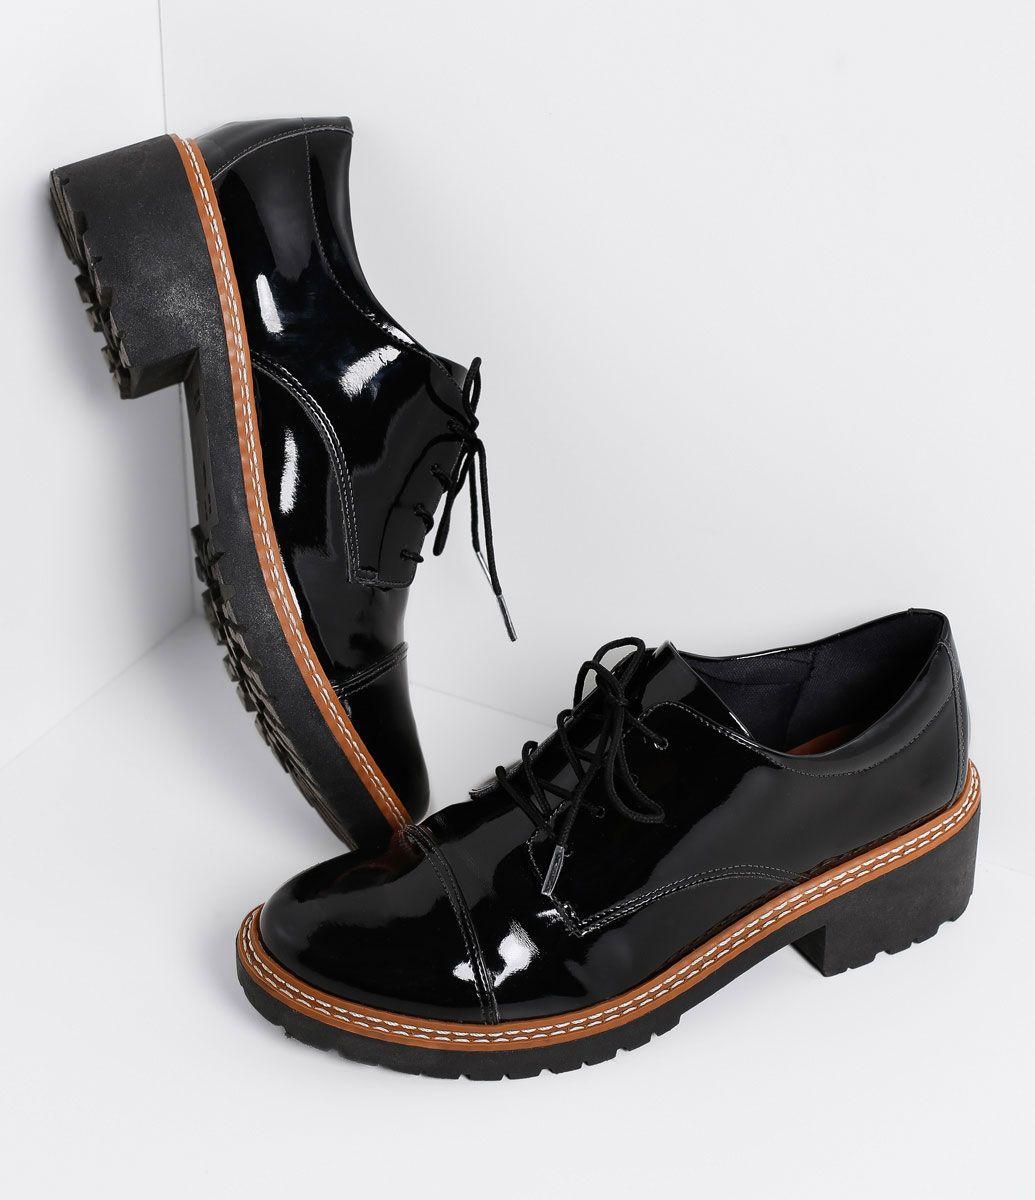 19f9064c4 Sapato Feminino Modelo: Oxford Em verniz Sola tratorada de 4cm Marca:  Satinato Material: Sintético COLEÇÃO VERÃO 2017 Veja outras opções de  sapatos ...